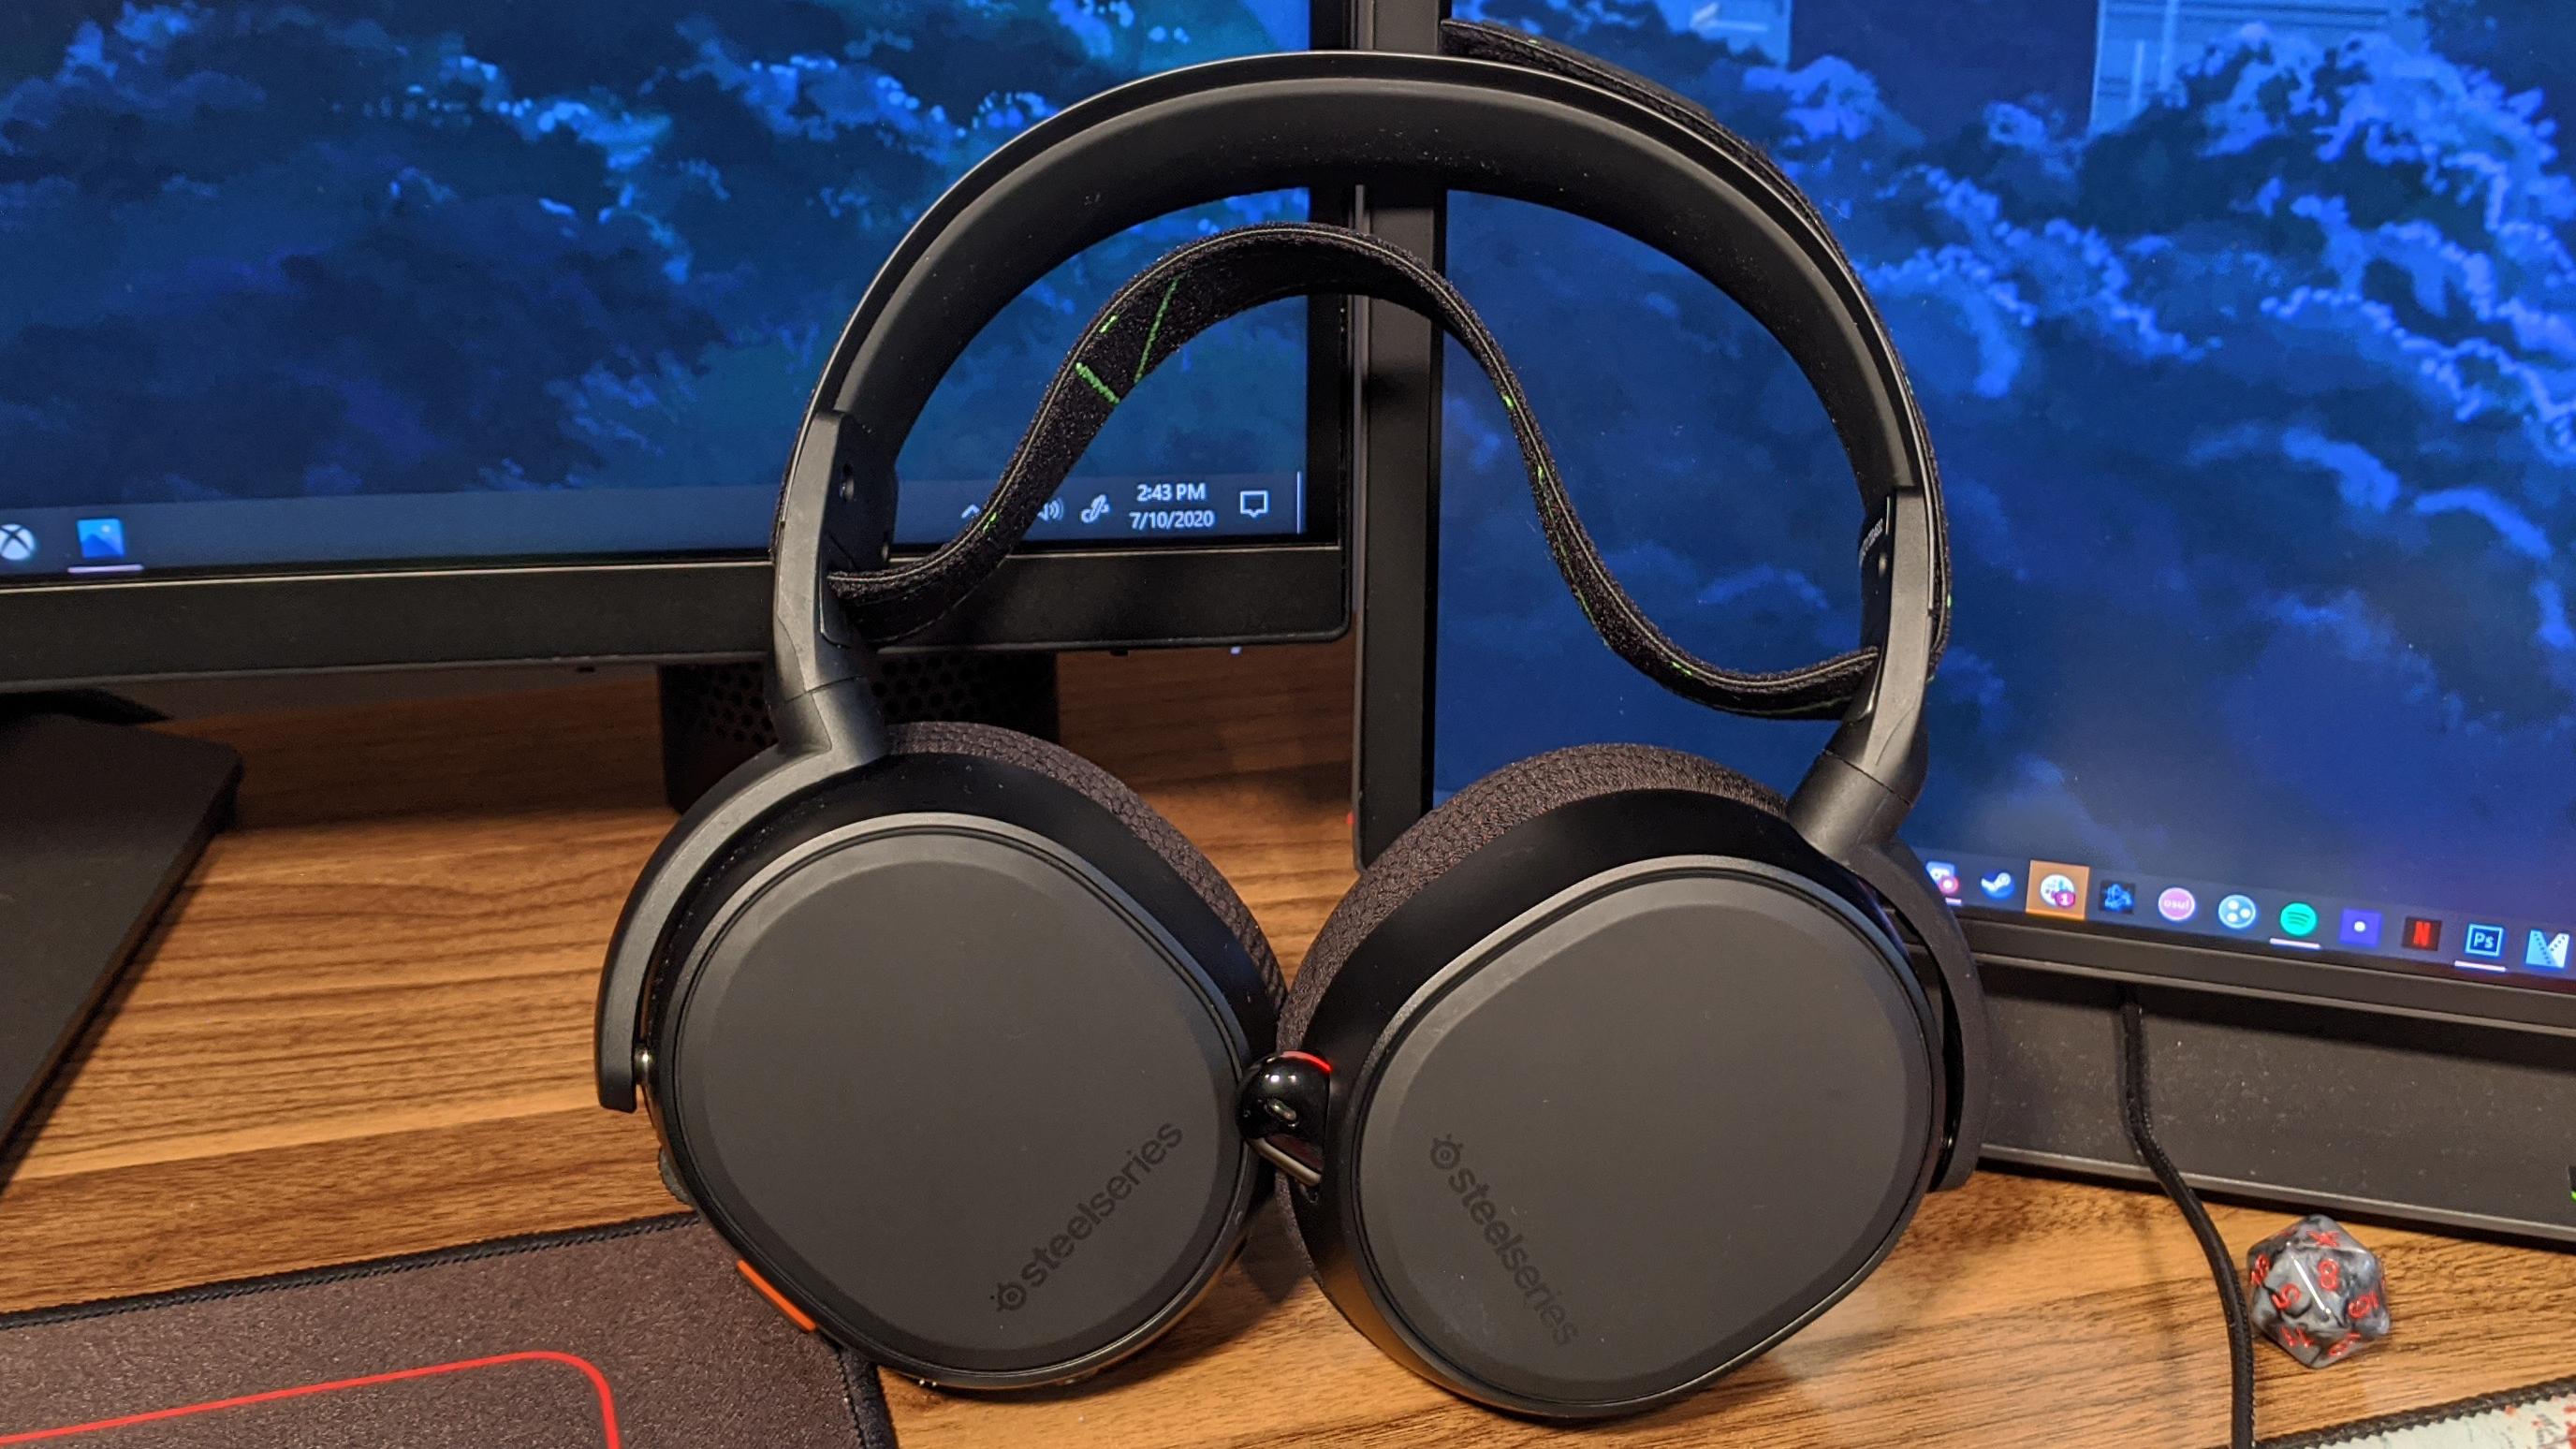 SteelSeries Arctis 9x - Nieuwe SteelSeries Draadloze Headset